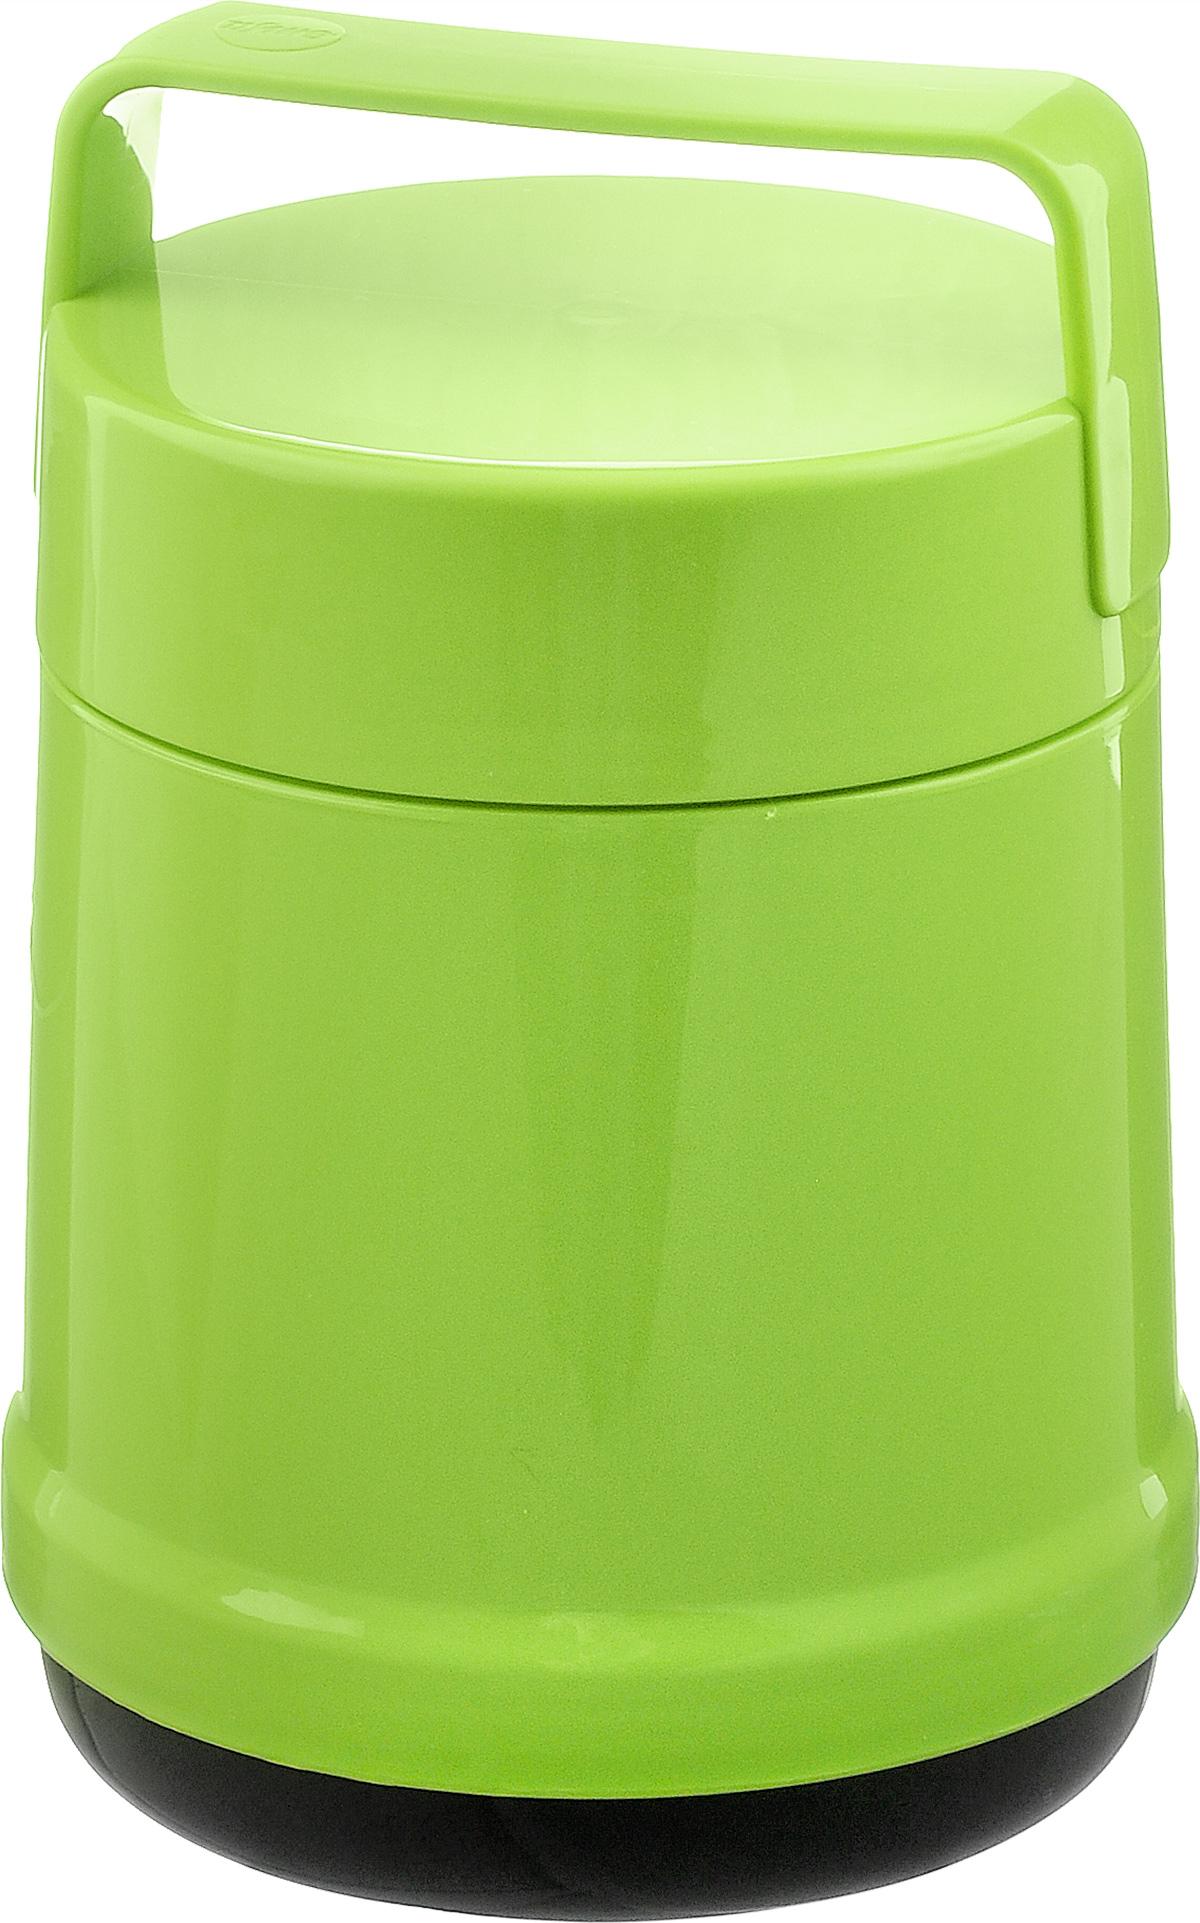 """Термос с широким горлом Emsa """"Rocket"""" выполнен из прочного цветного пластика со стеклянной колбой. Термос прост в использовании и очень функционален. В комплекте 2 контейнера, которые можно использовать в качестве мисок для еды. Легкий и прочный термос Emsa """"Rocket"""" сохранит вашу еду горячей или холодной надолго.Высота (с учетом крышки): 25 см.Диаметр горлышка: 12,5 см.Диаметр дна: 14 см.Размер большого контейнера: 11,8 см х 11,8 см х 16,5 см.Размер маленького контейнера: 11 см х 10 см х 4,7 см.Сохранение холода: 12 ч.Сохранение тепла: 6 ч."""